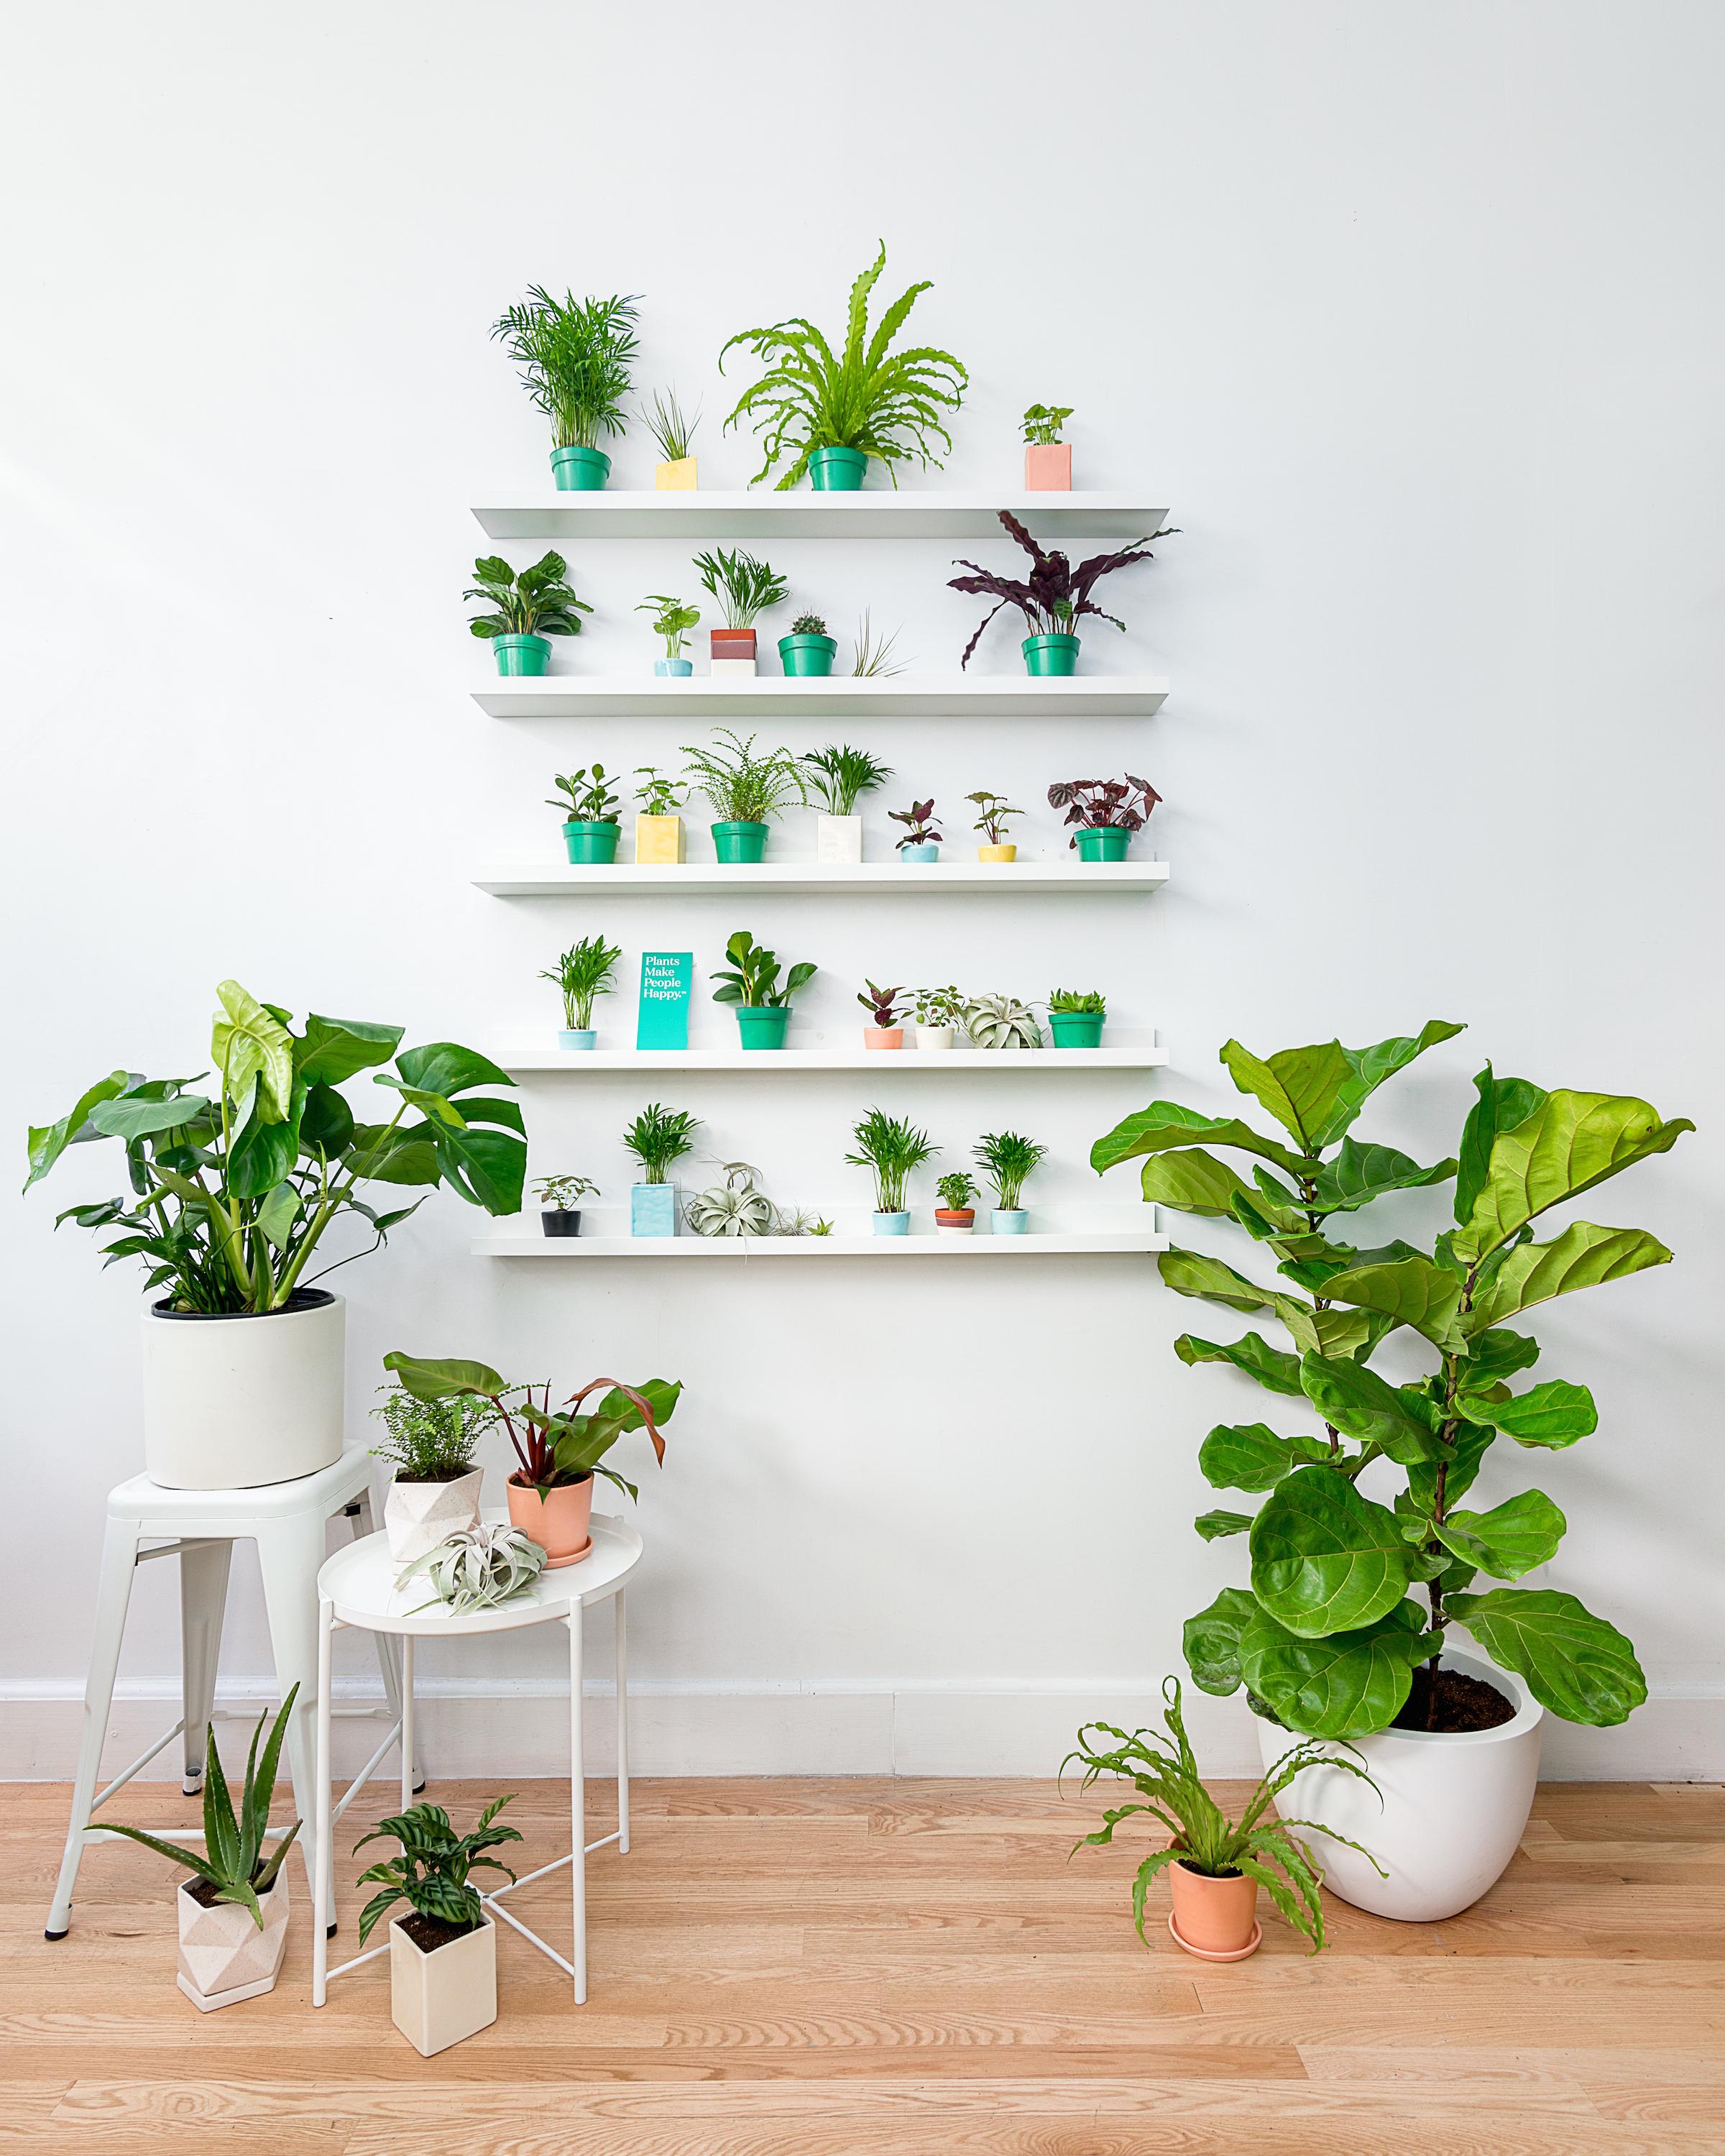 houseplants on shelves